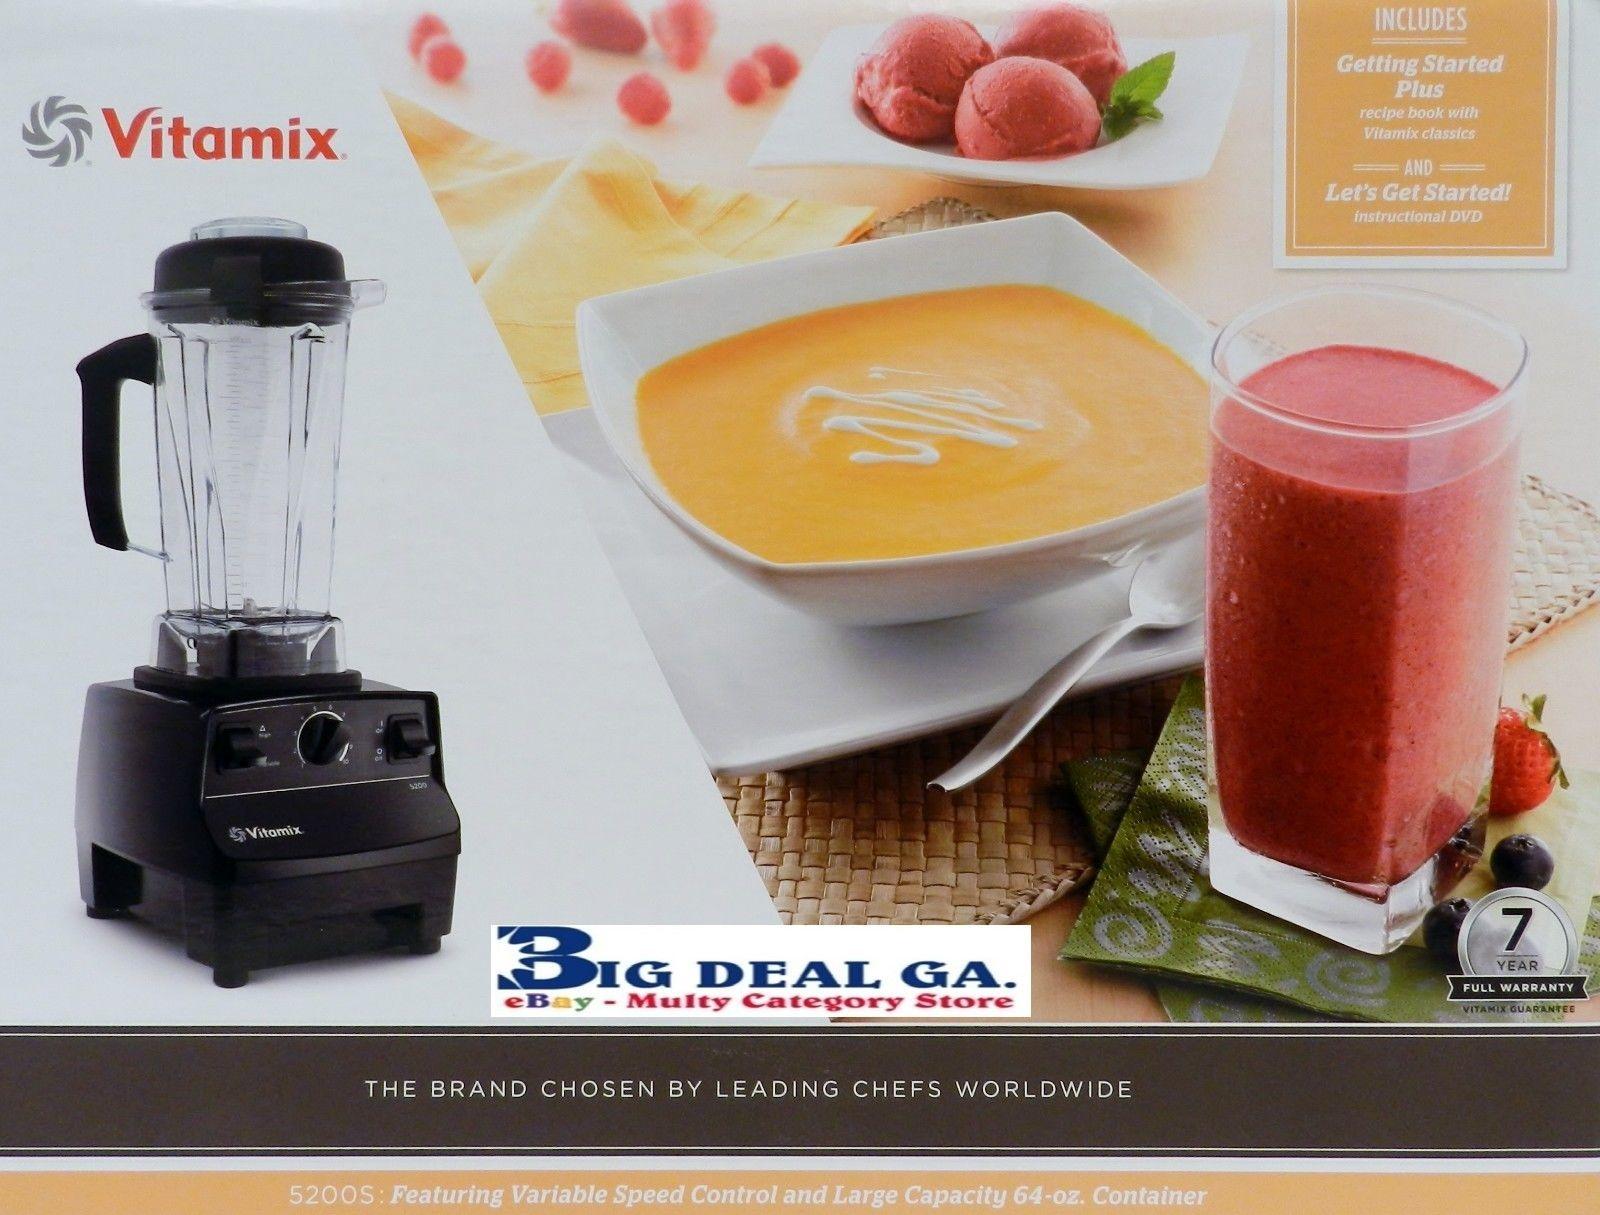 Vitamix 5200S 64oz Food Juicer Blender W Get Started Cookbook And DVD